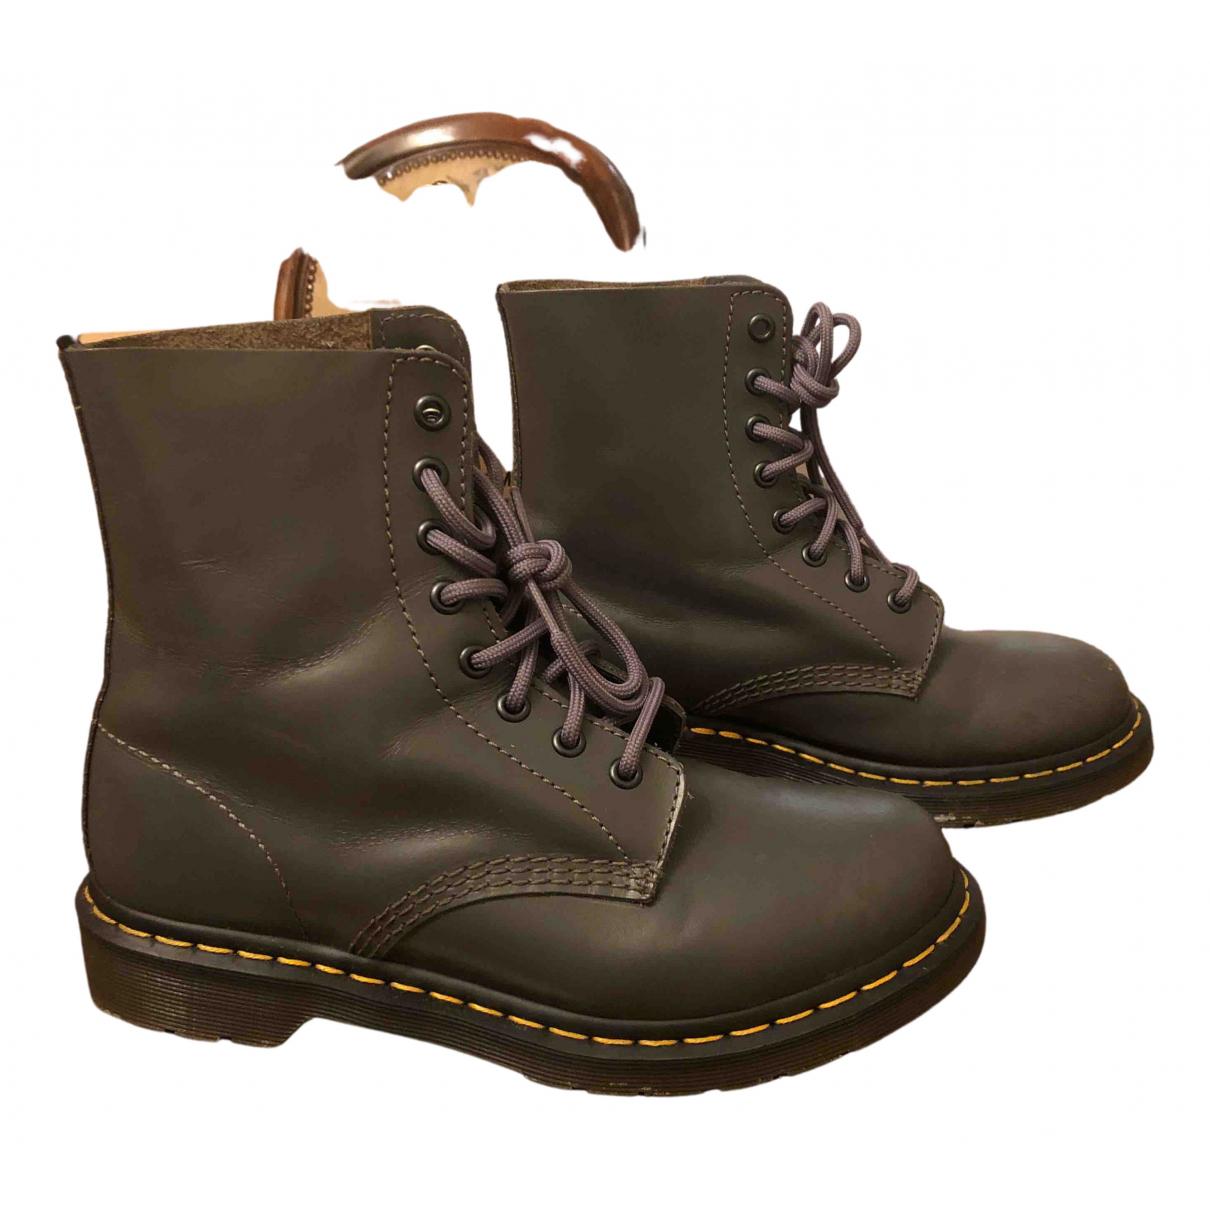 Dr. Martens - Boots 1460 Pascal (8 eye) pour femme en cuir - gris